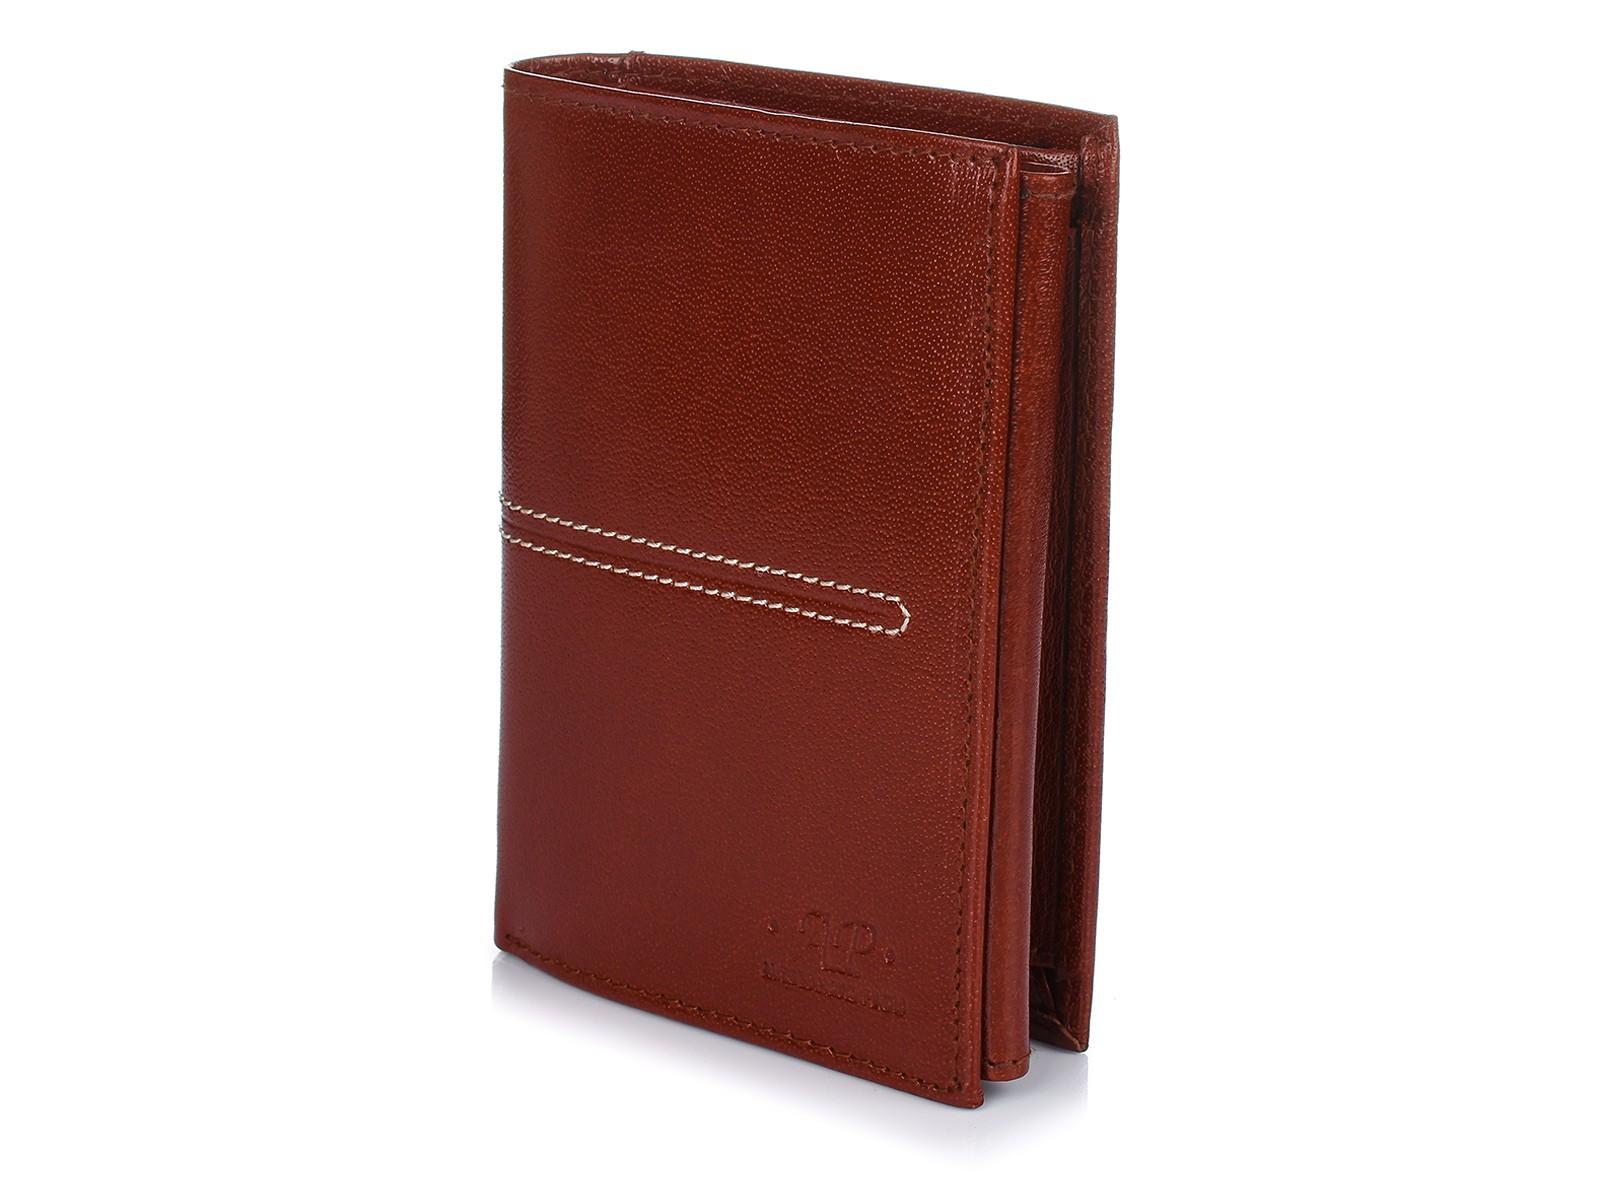 Alessandro Paoli K42 Pánska kožená peňaženka RFID hnedá